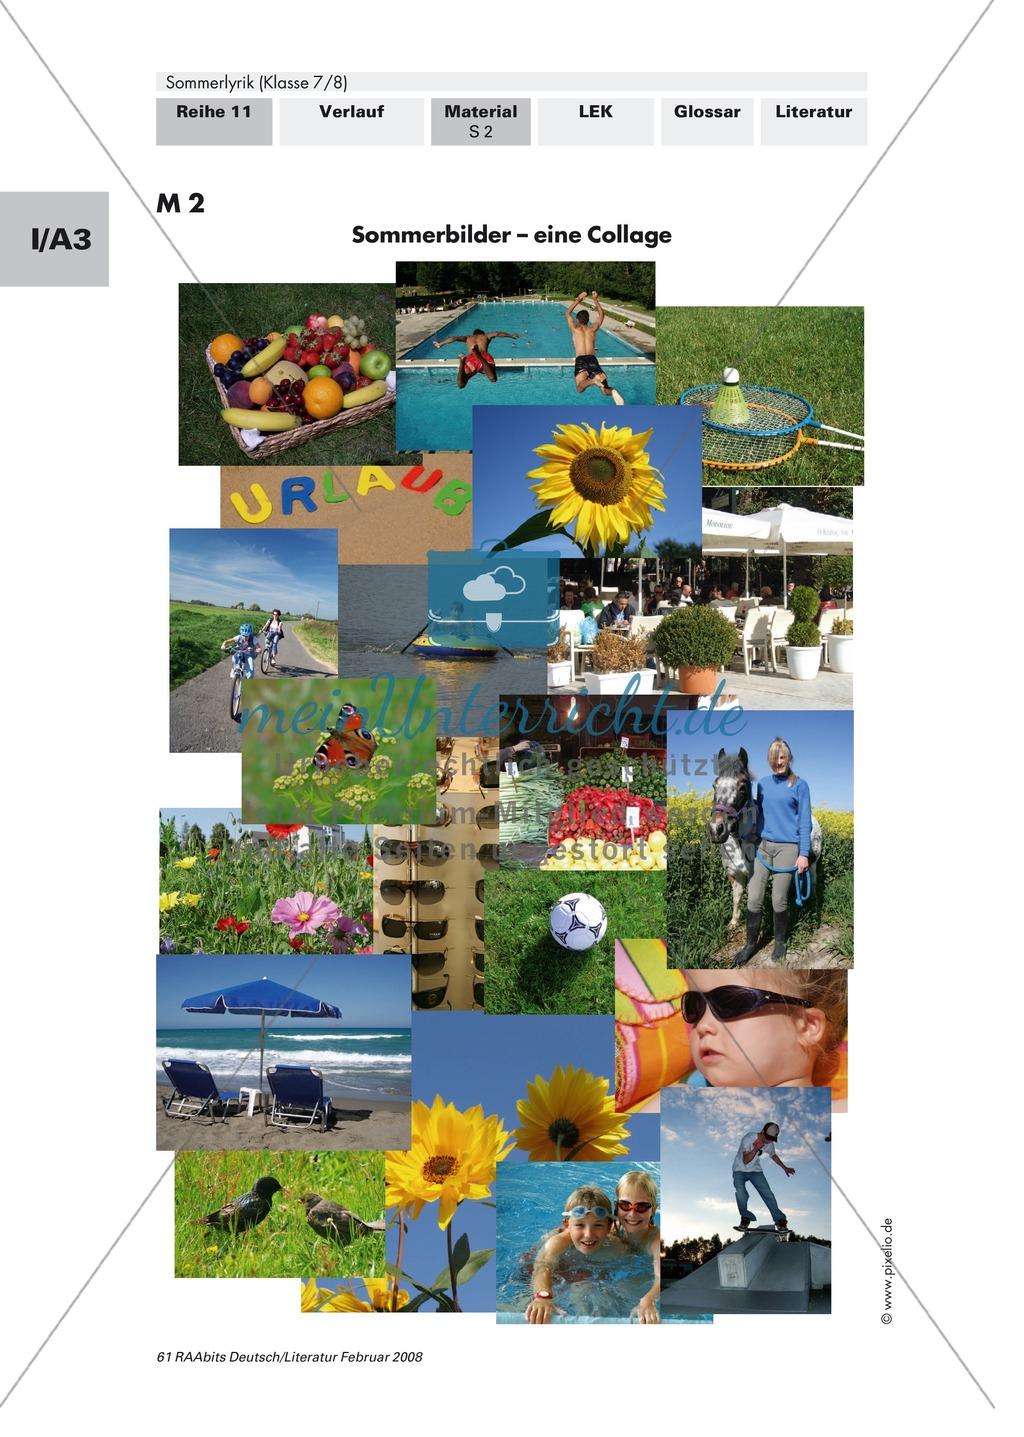 Sommerlyrik: Einführung in das Thema - Fachbegriffe zur Analyse von Gedichten Preview 1